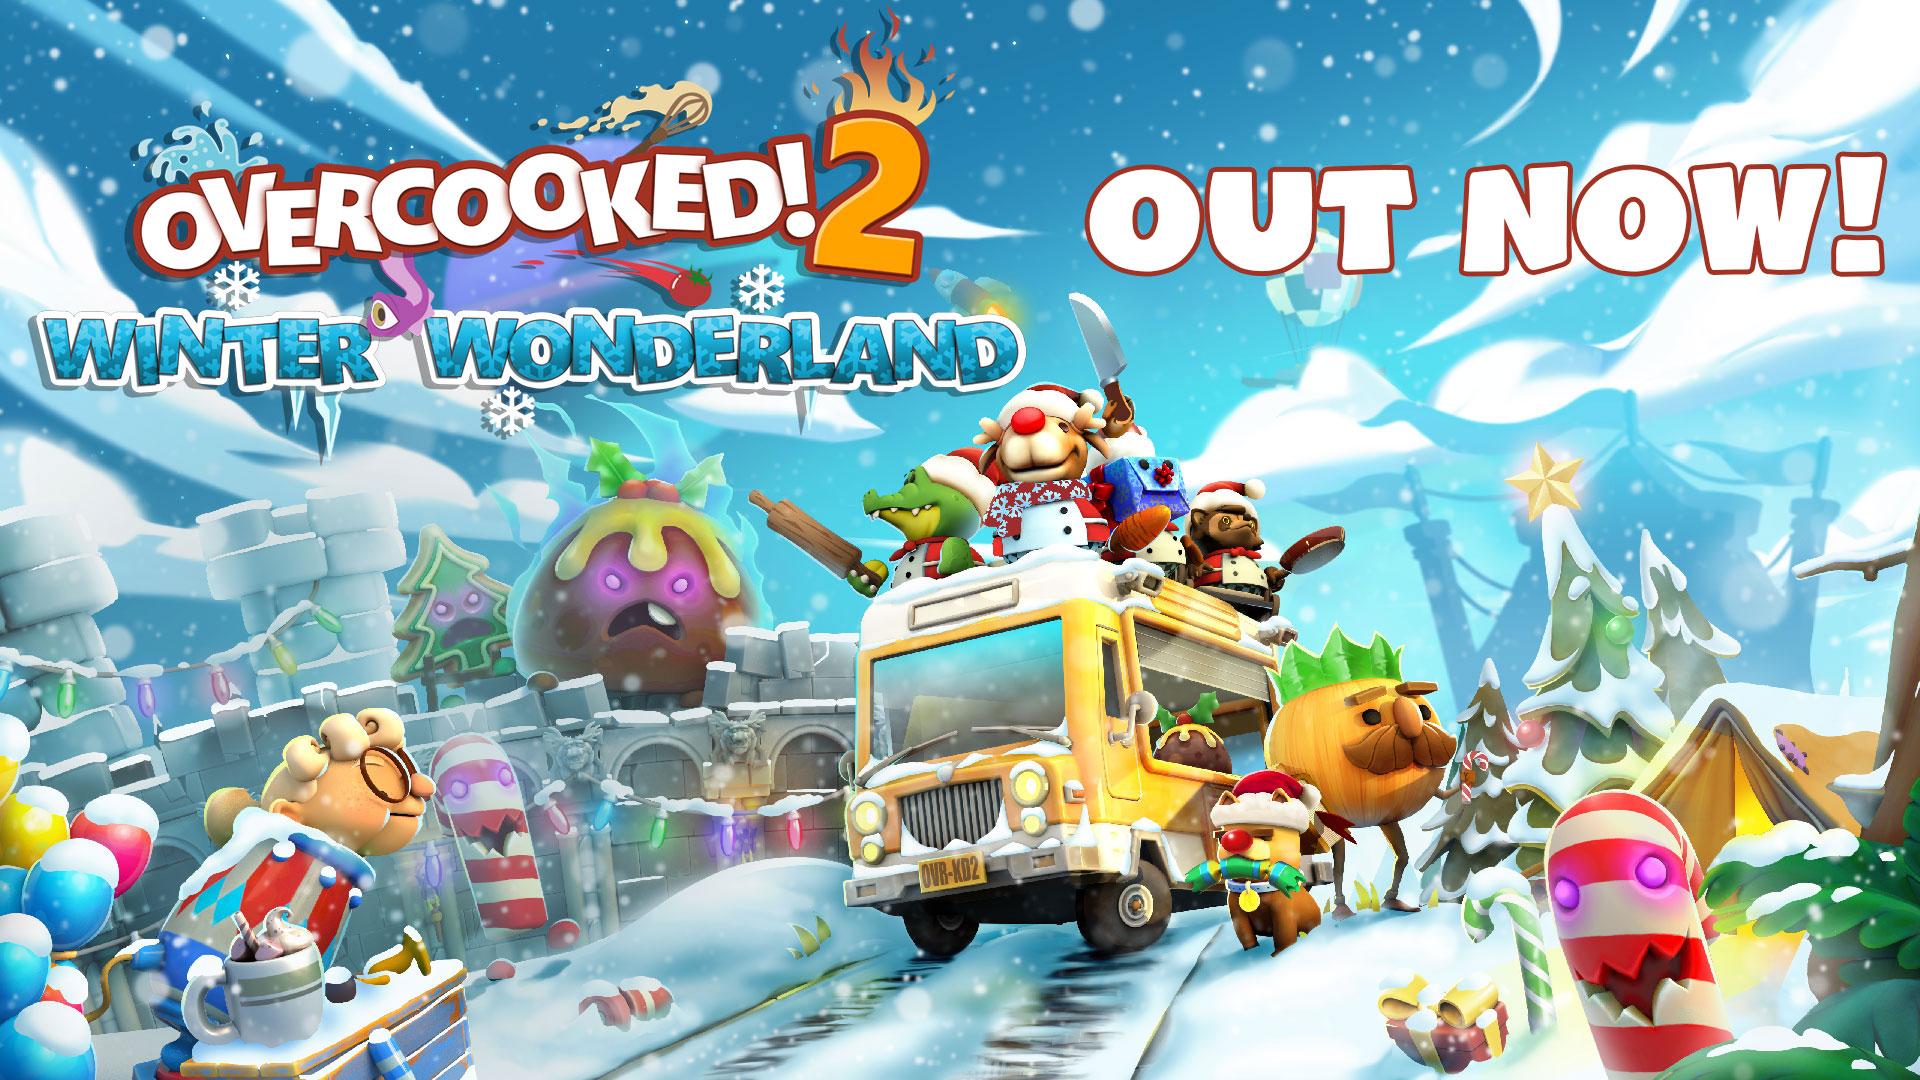 【免費更新】《Overcooked! 2》新角、新食譜,調整過的廚房關卡